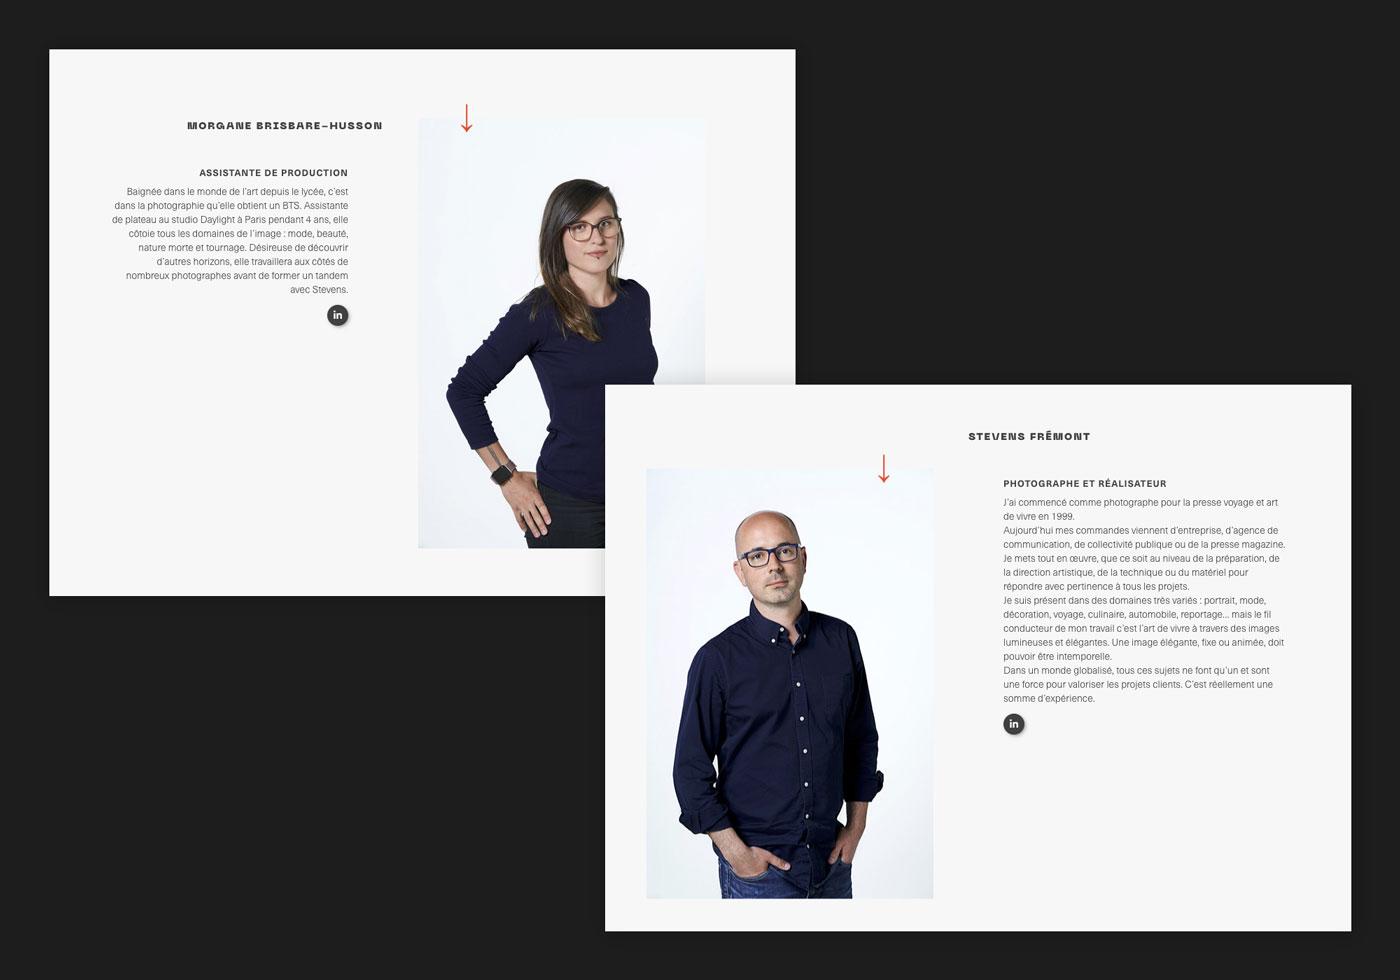 webdesigner webflow graphiste freelance